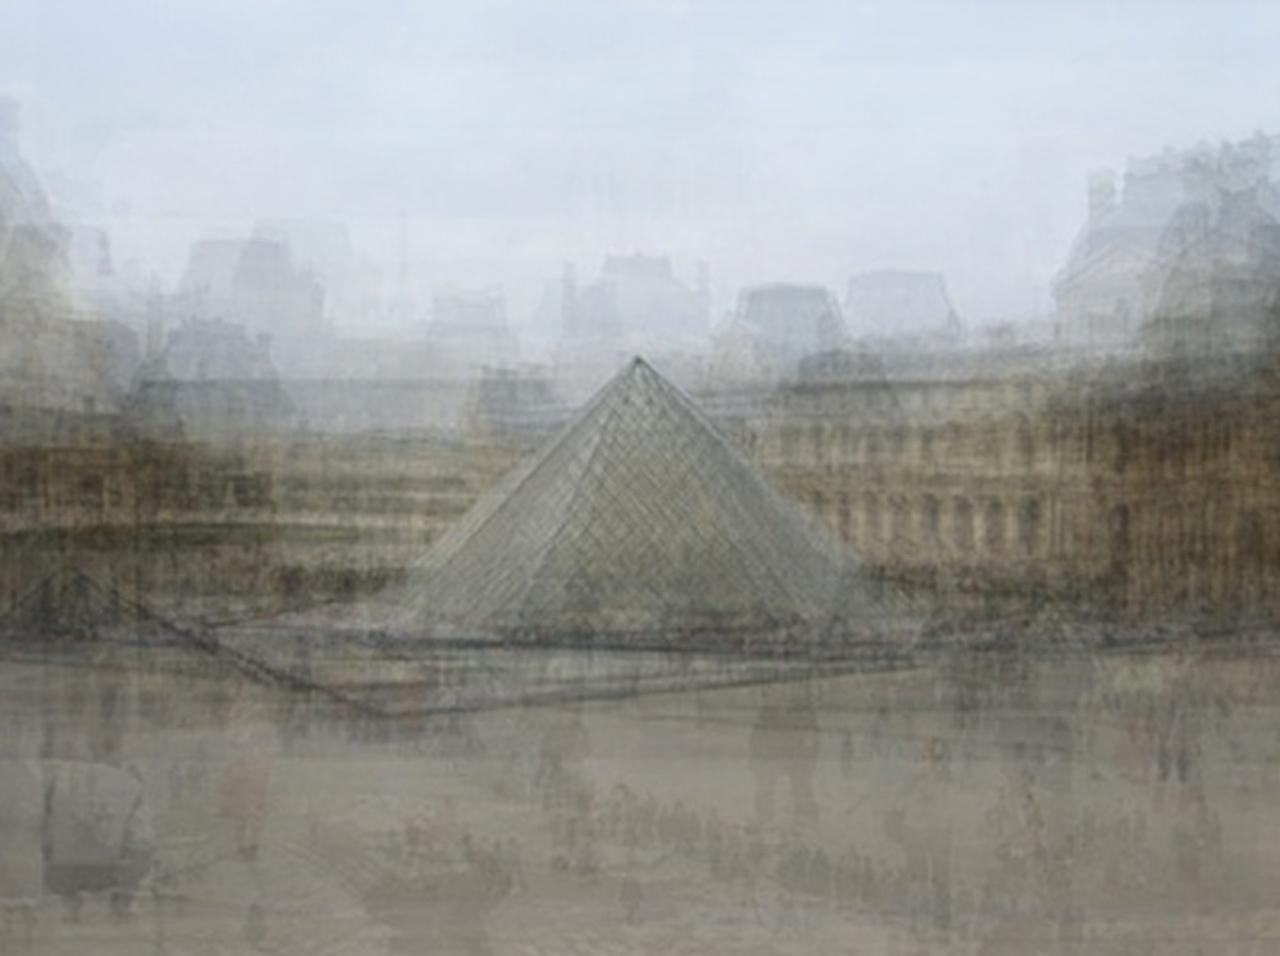 Louvre Pyramid, Paris by Corinne Vionnet